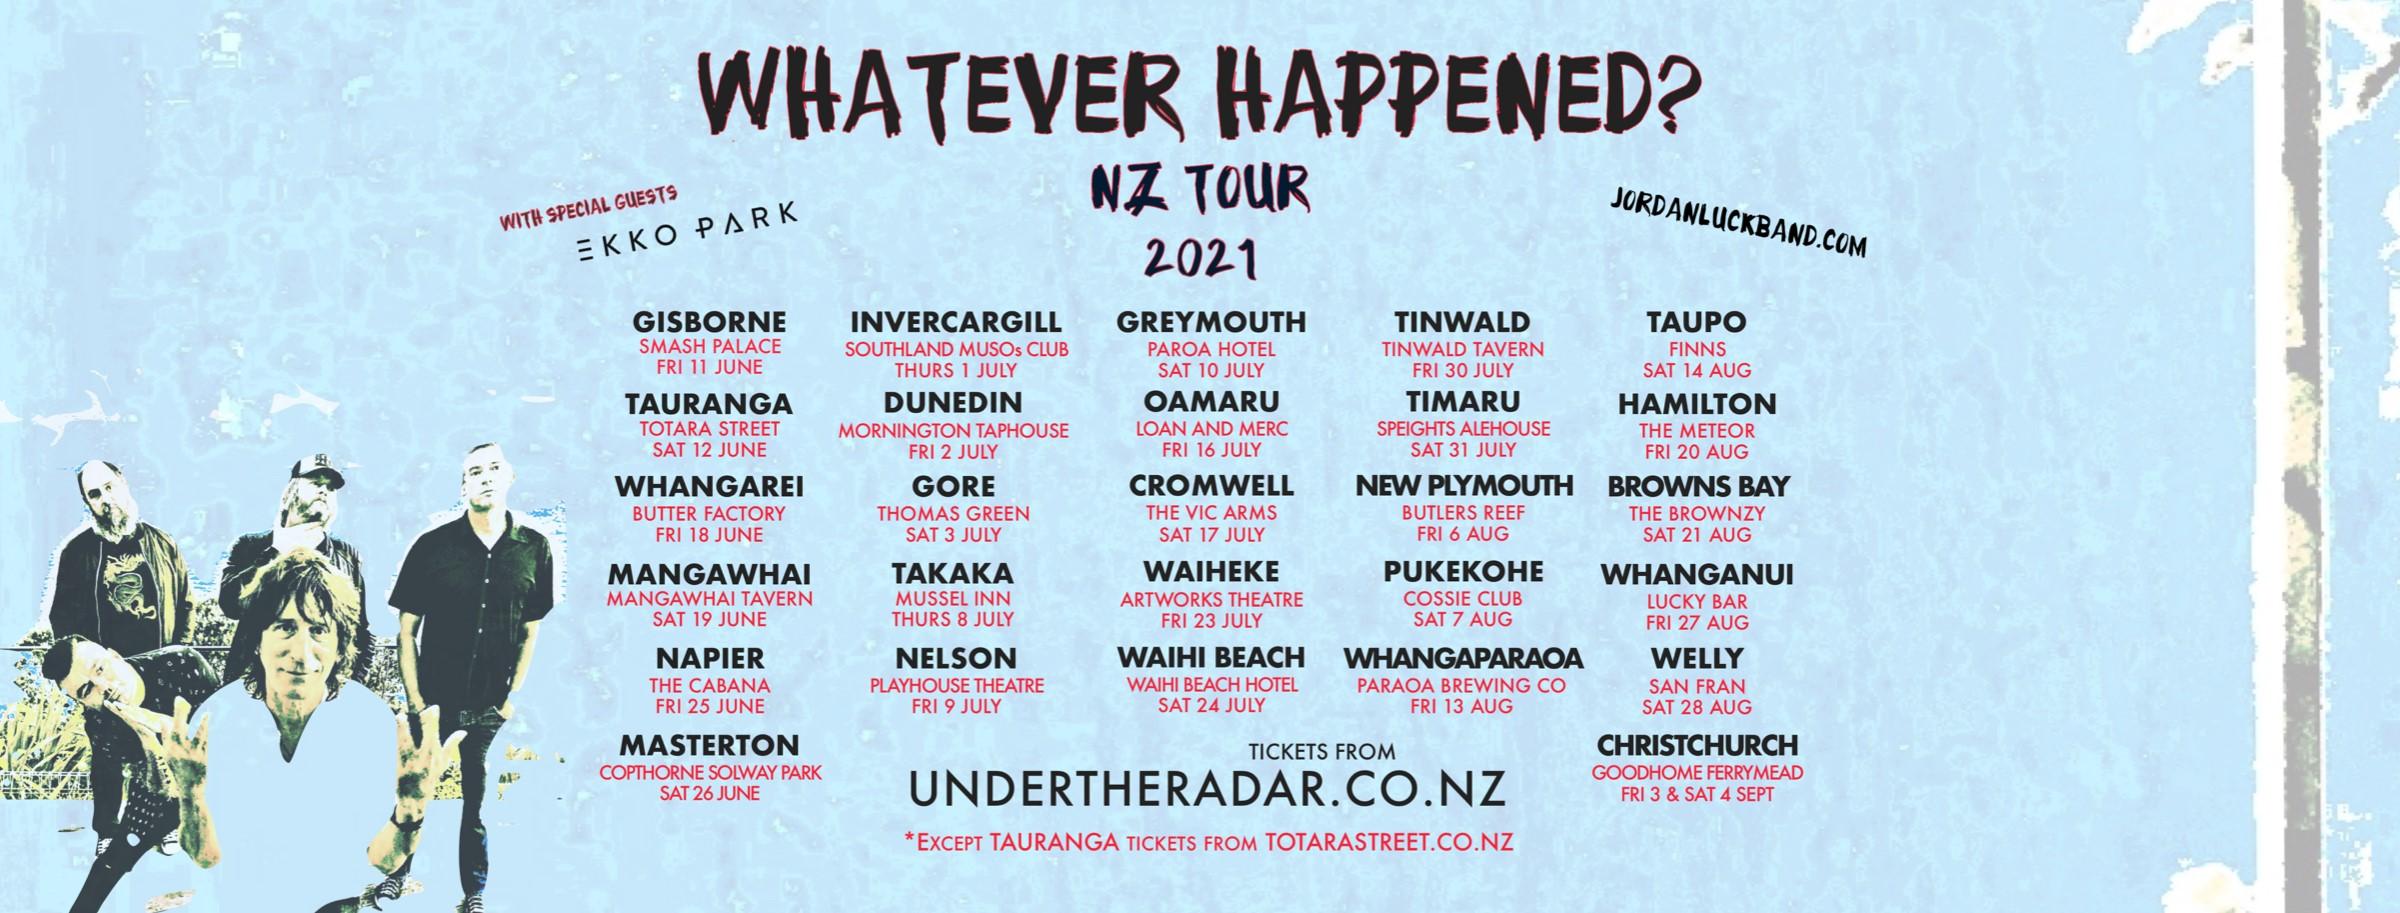 Nelson - Jordan Luck Band NZ Winter Tour 21